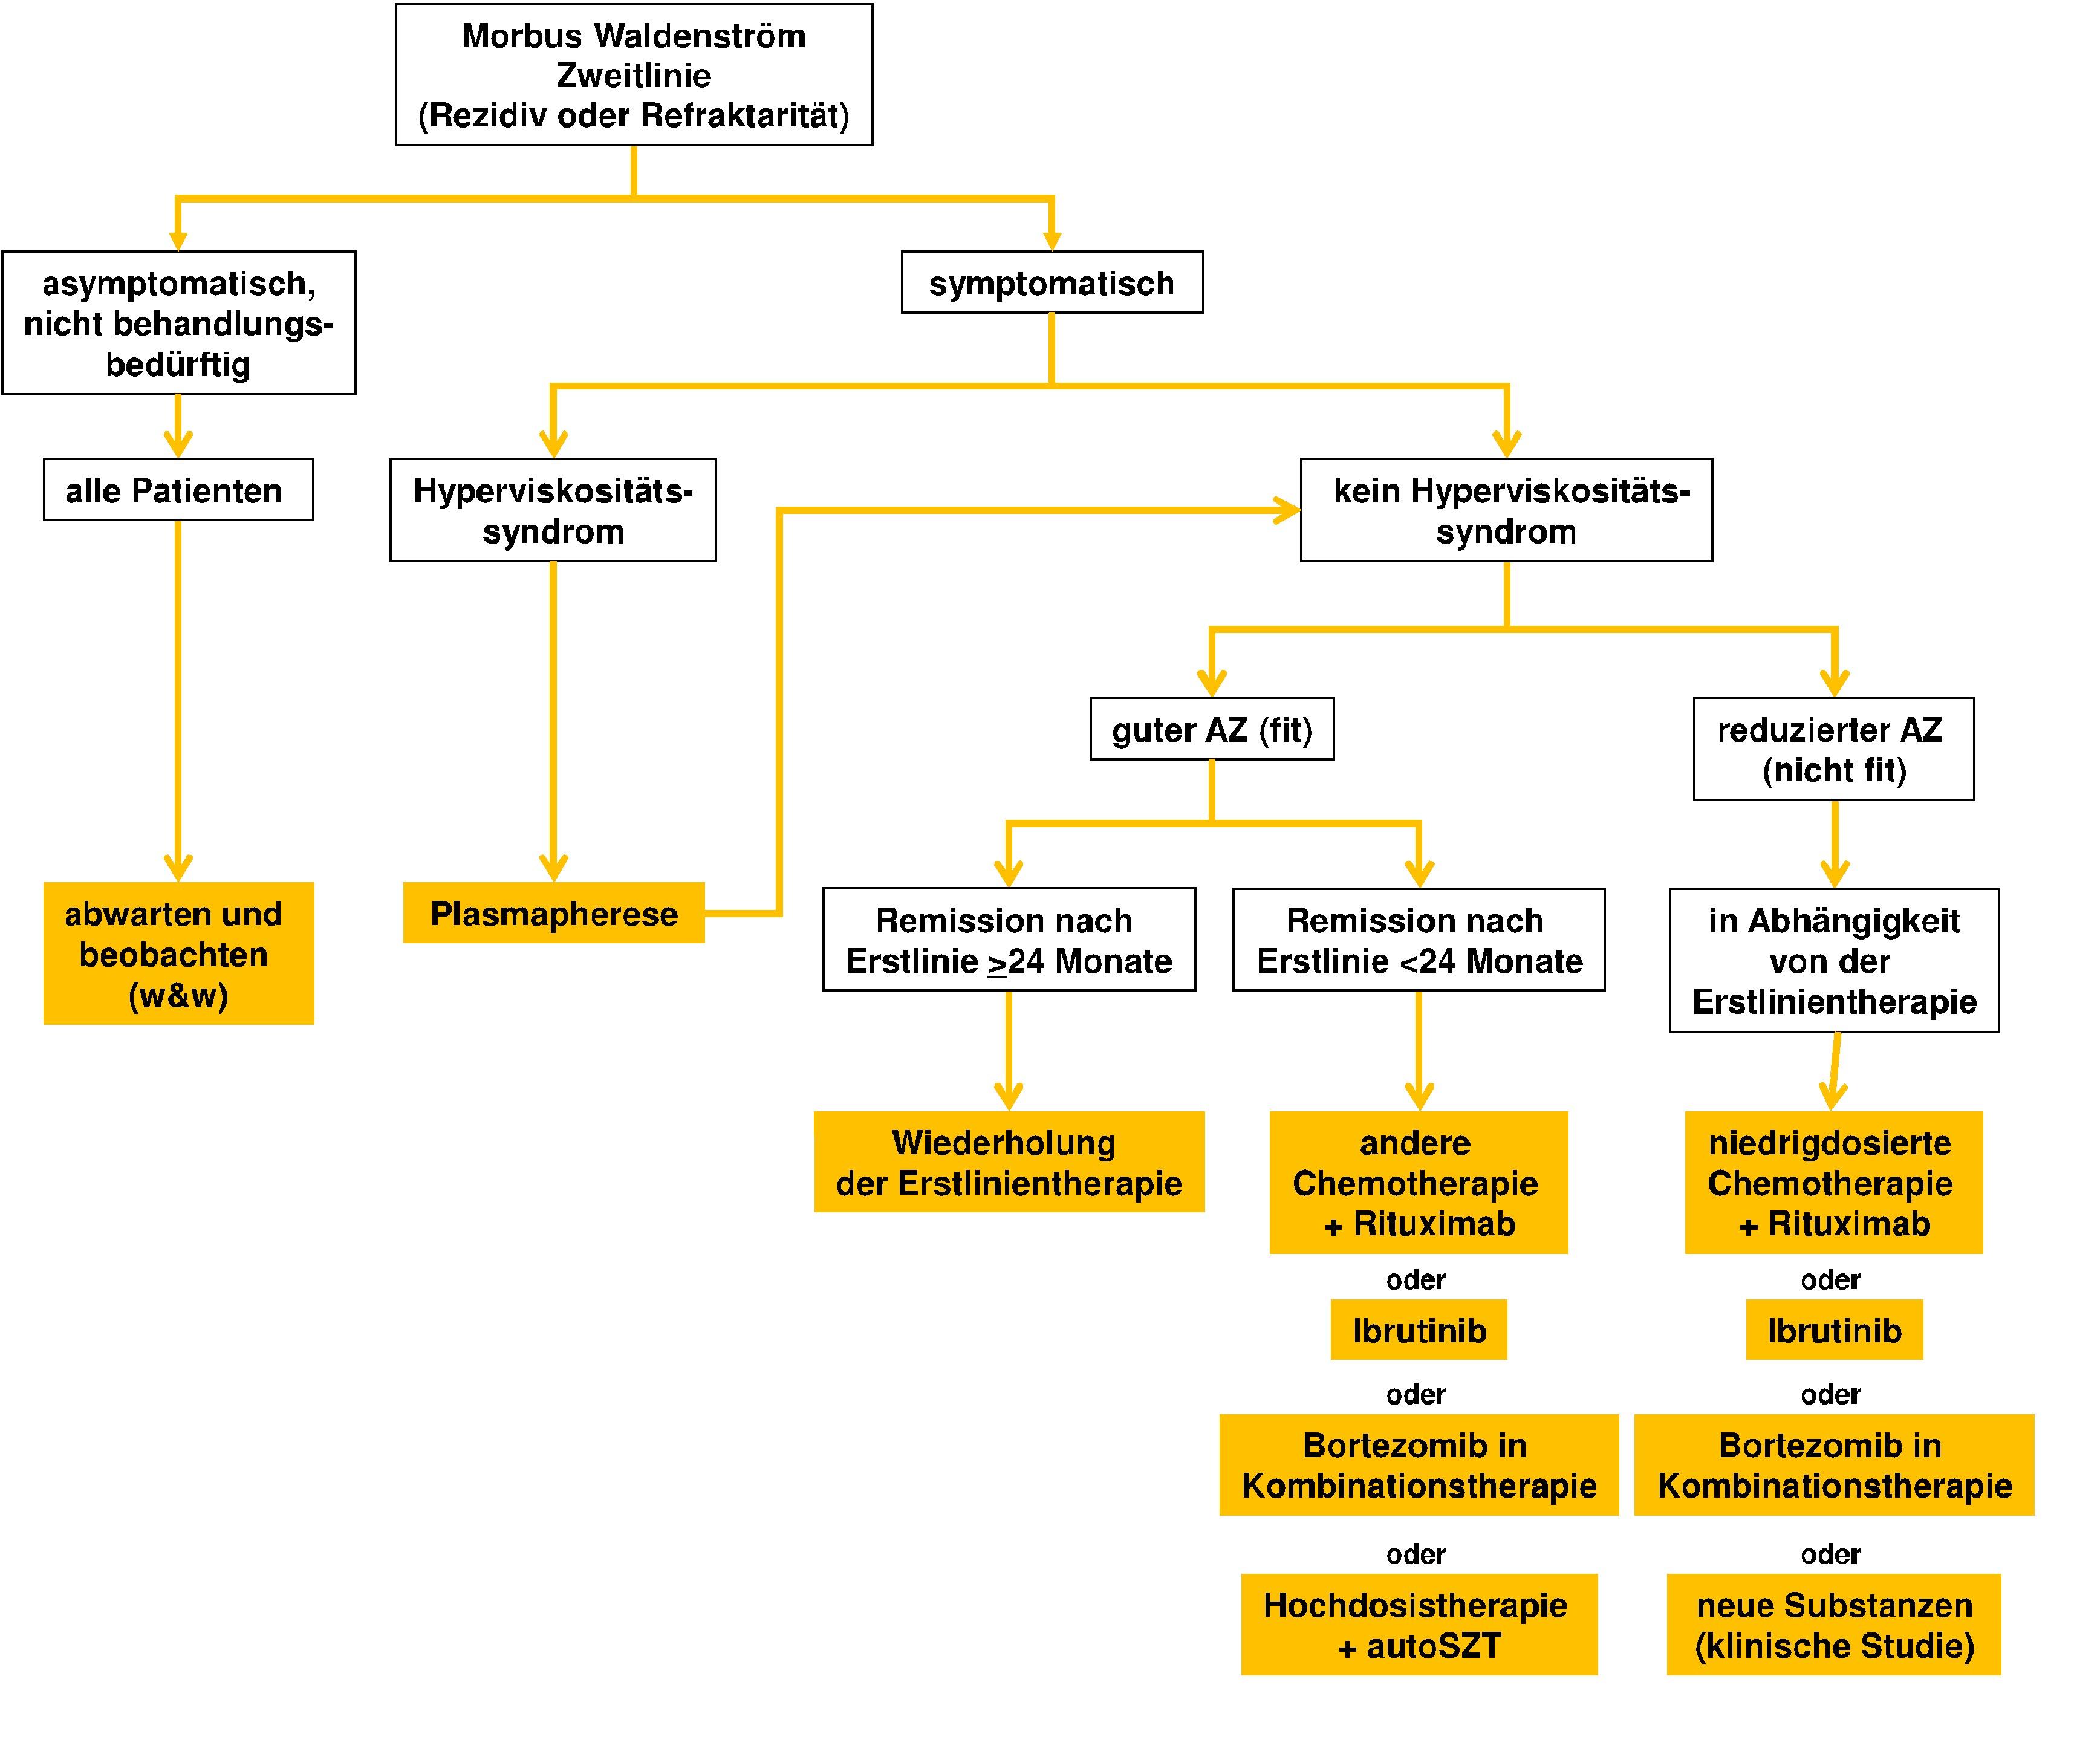 Algorithmus für die Therapie im Rezidiv oder bei Refraktärität